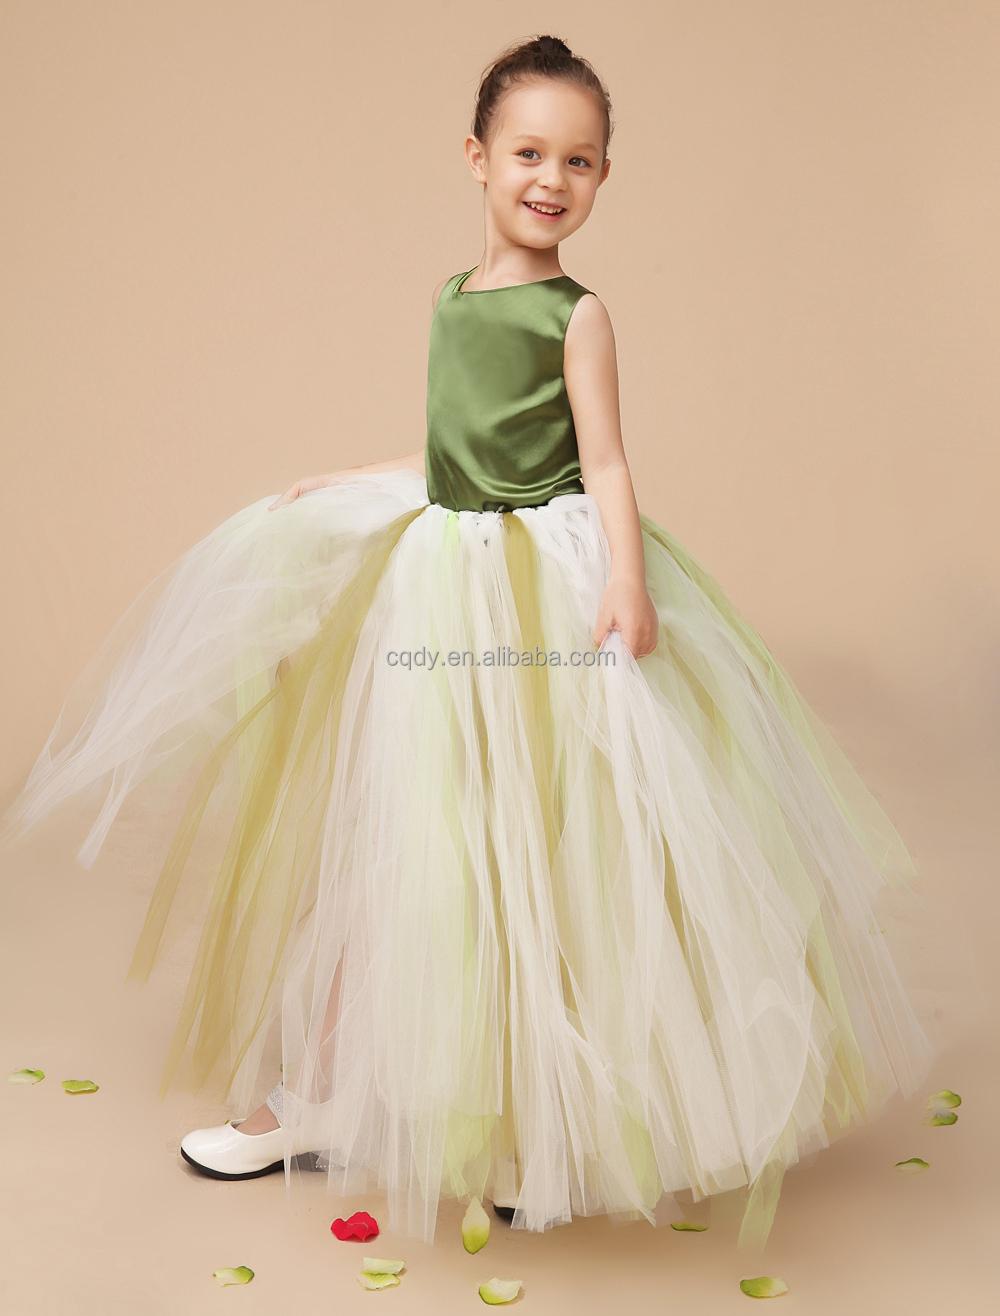 2015 pakistani vestito del bambino abiti fantasia ragazze. Black Bedroom Furniture Sets. Home Design Ideas